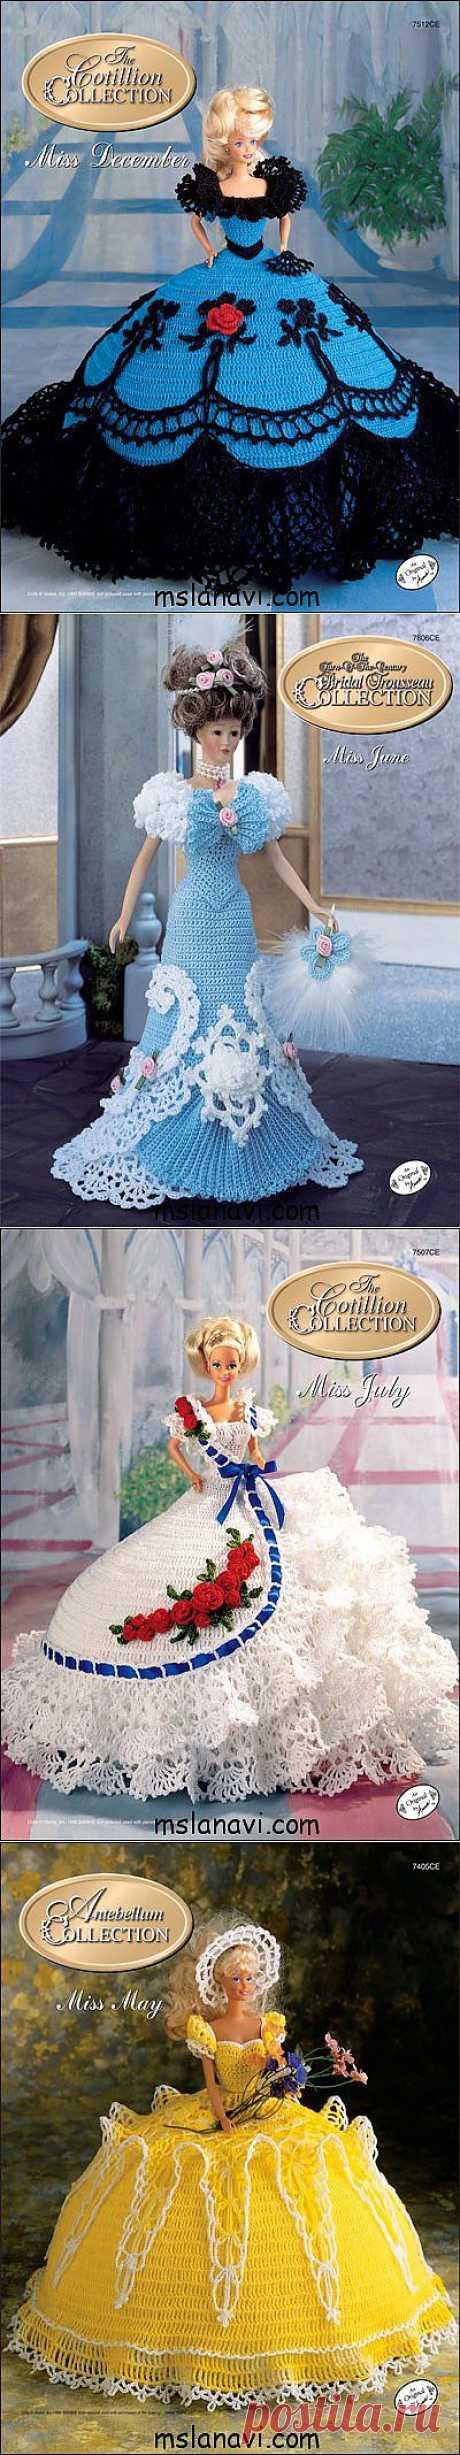 О вязании: Платья для барби крючком от Annie's Society | Вяжем с Ланой